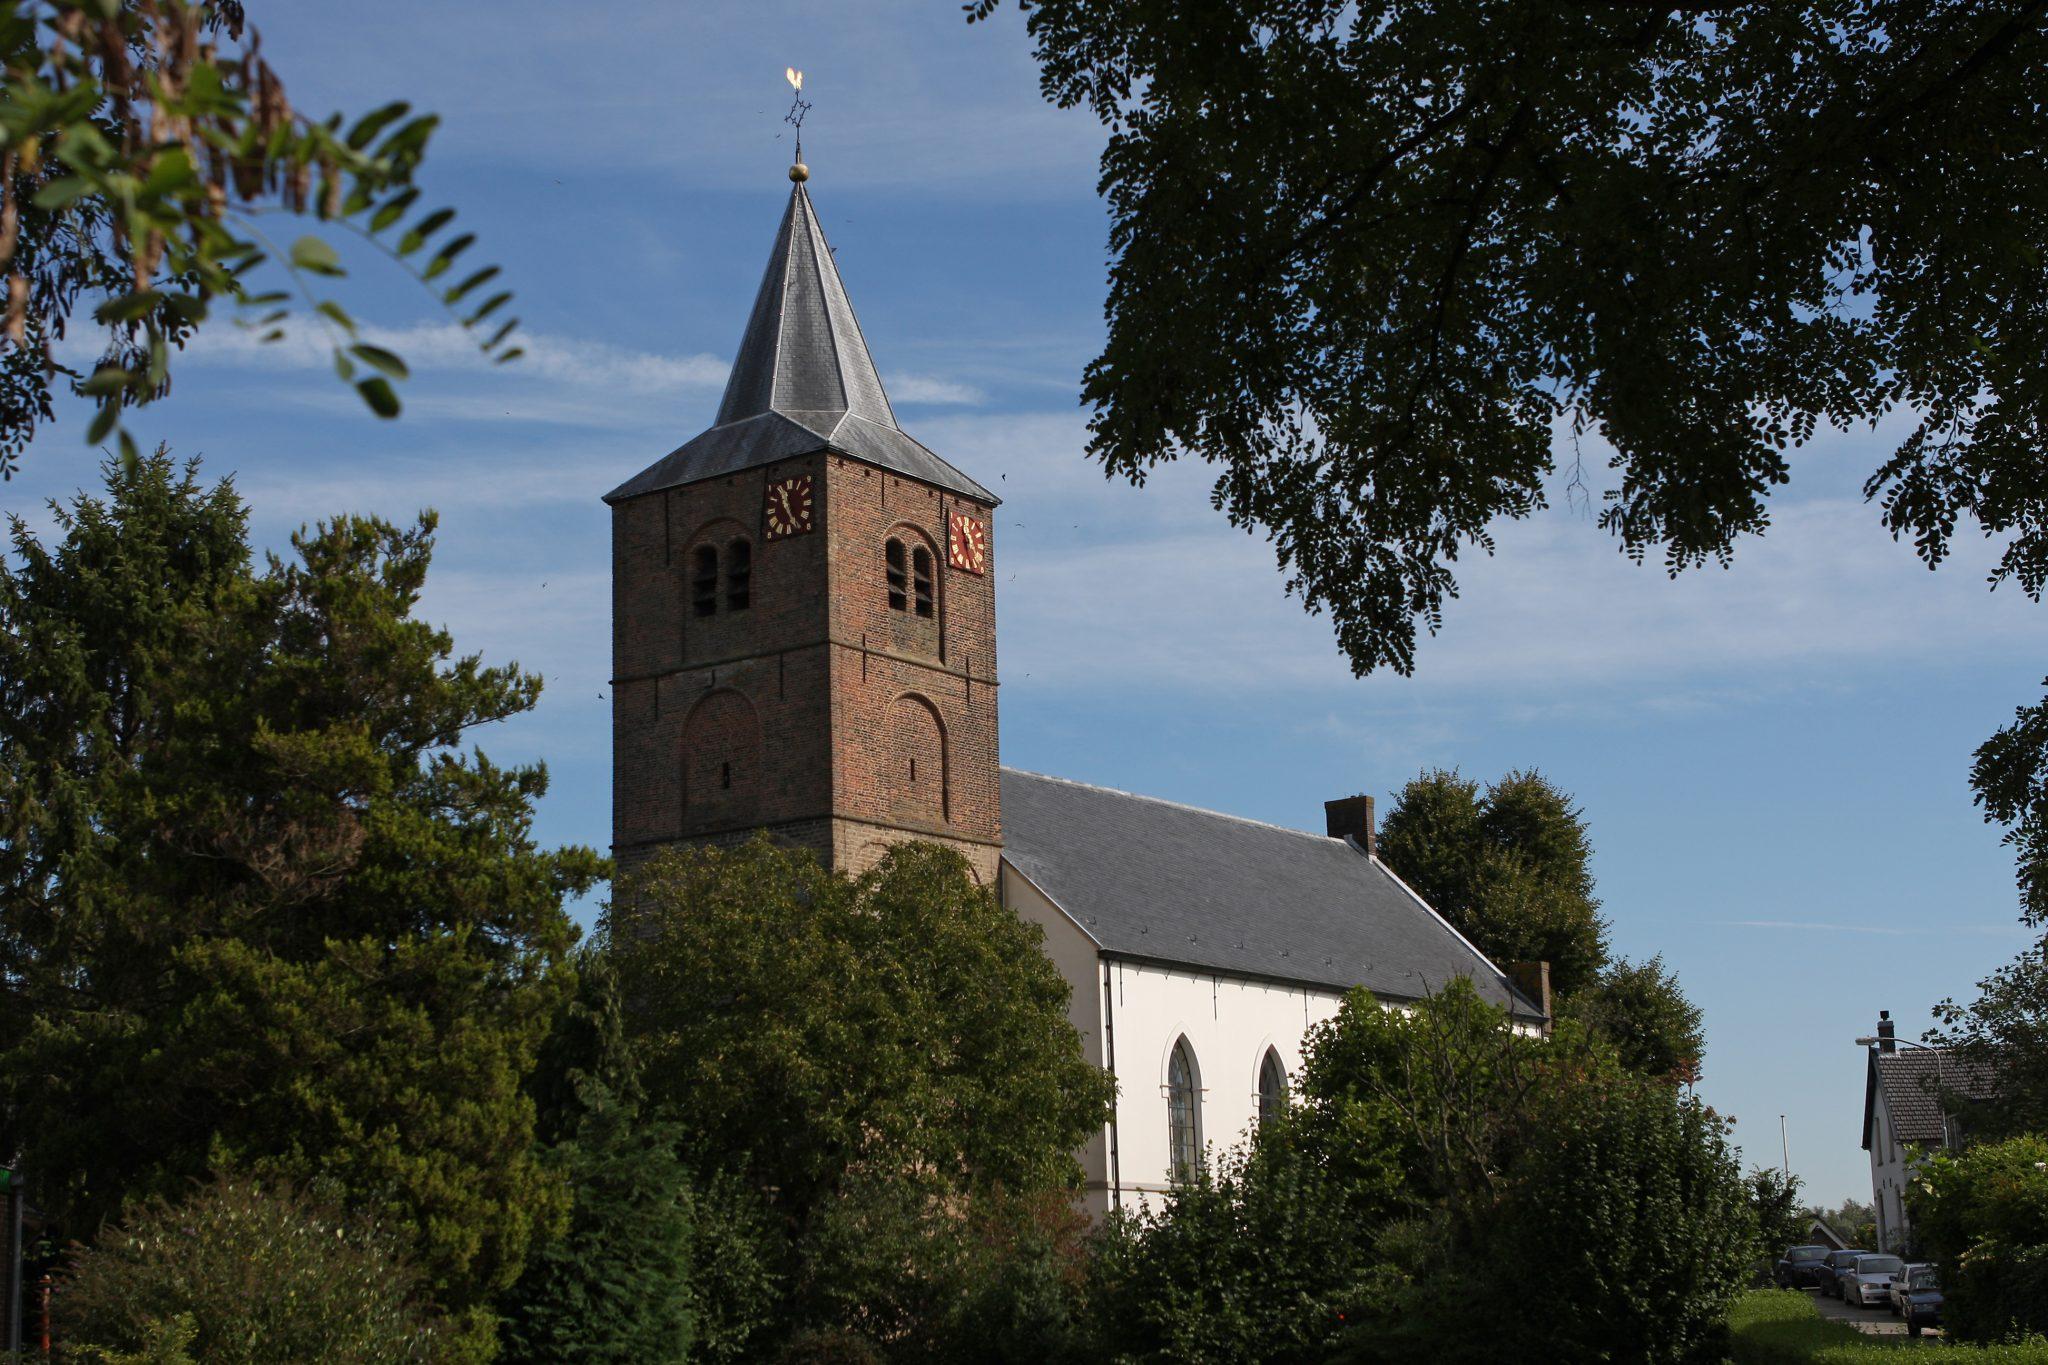 Protestantse Kerk Deil